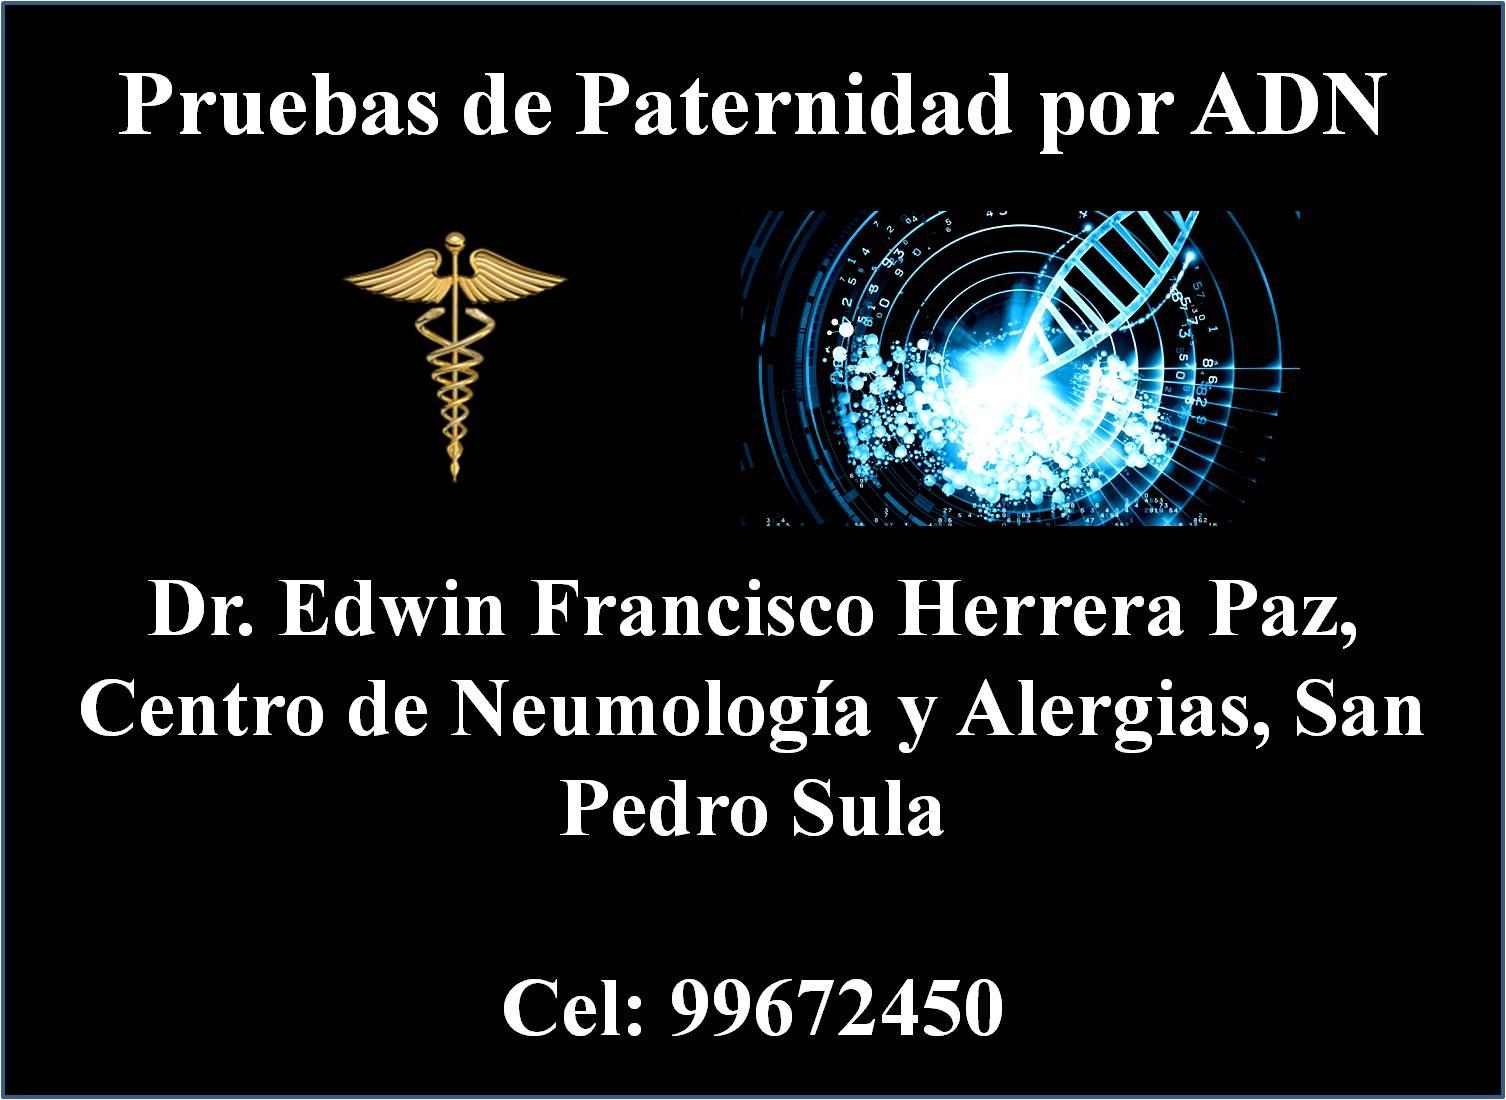 PRUEBAS DE PATERNIDAD EN HONDURAS